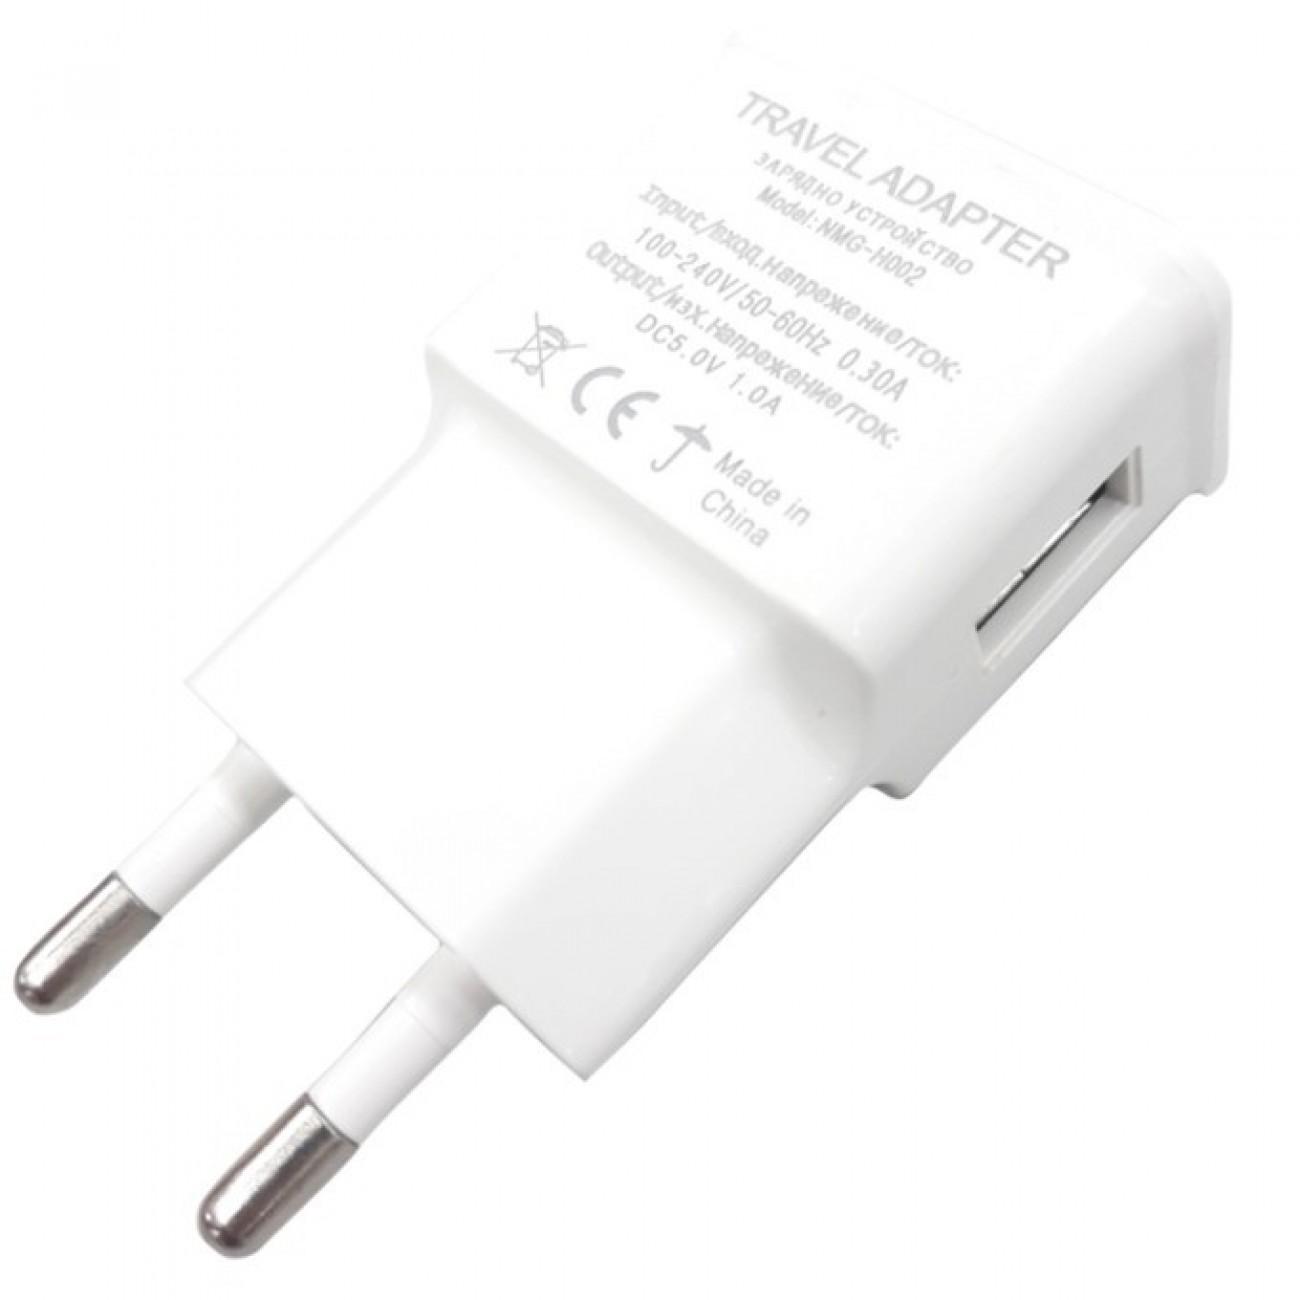 Зарядно устройство NMG-H001, от контакт към USB (ж), 5V / 1.0A, бяло в Зарядни устройства за батерии - Noname | Alleop